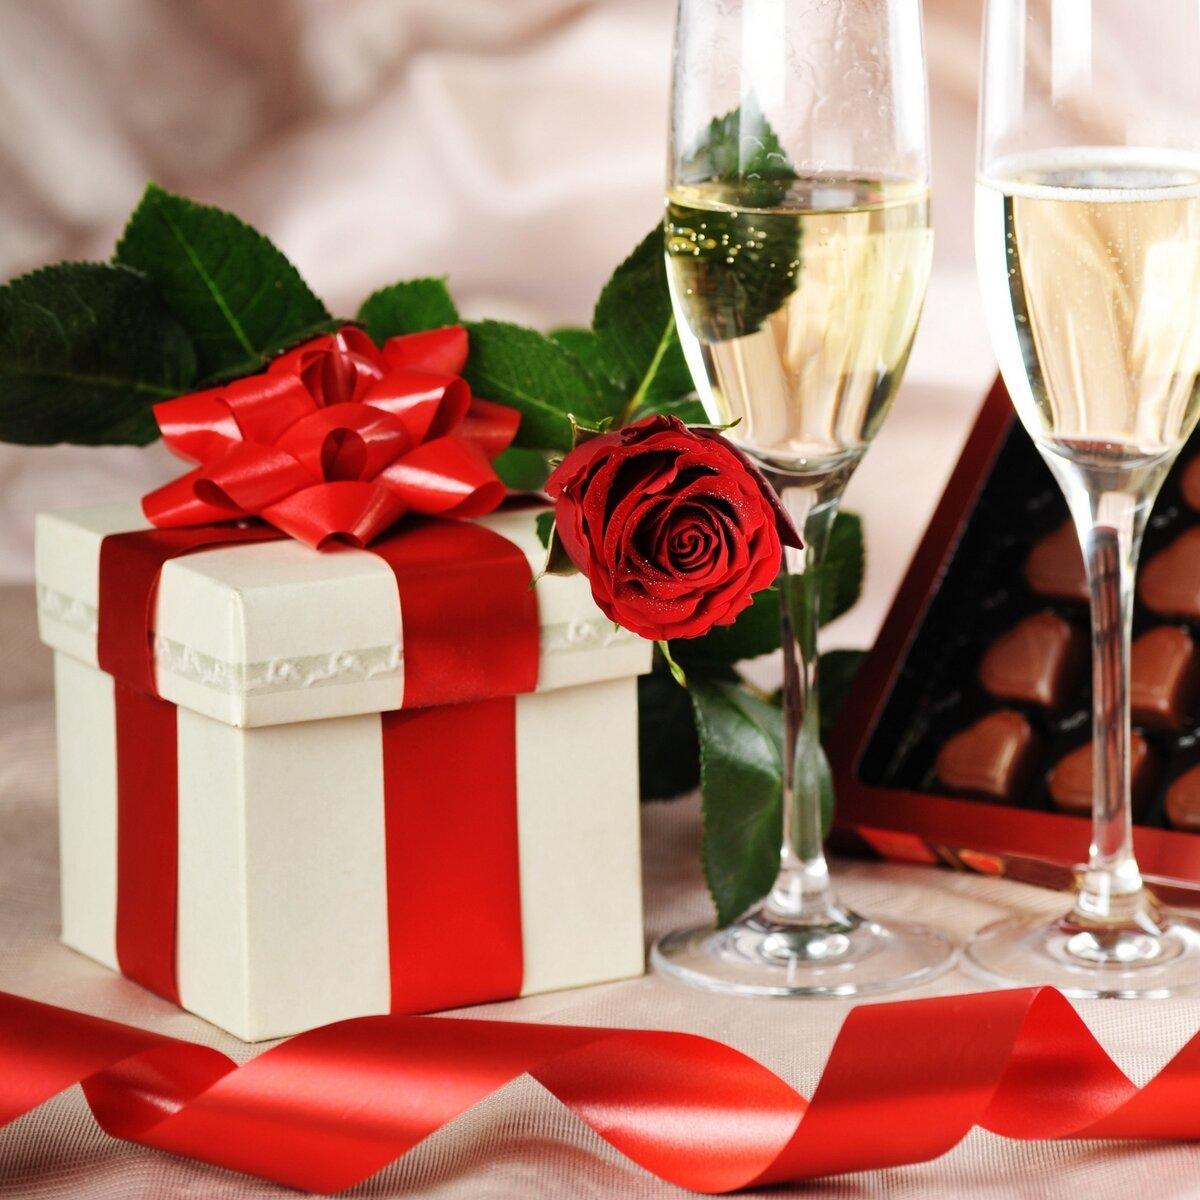 Красивые романтичные картинки с днем рождения, картинках для татьян